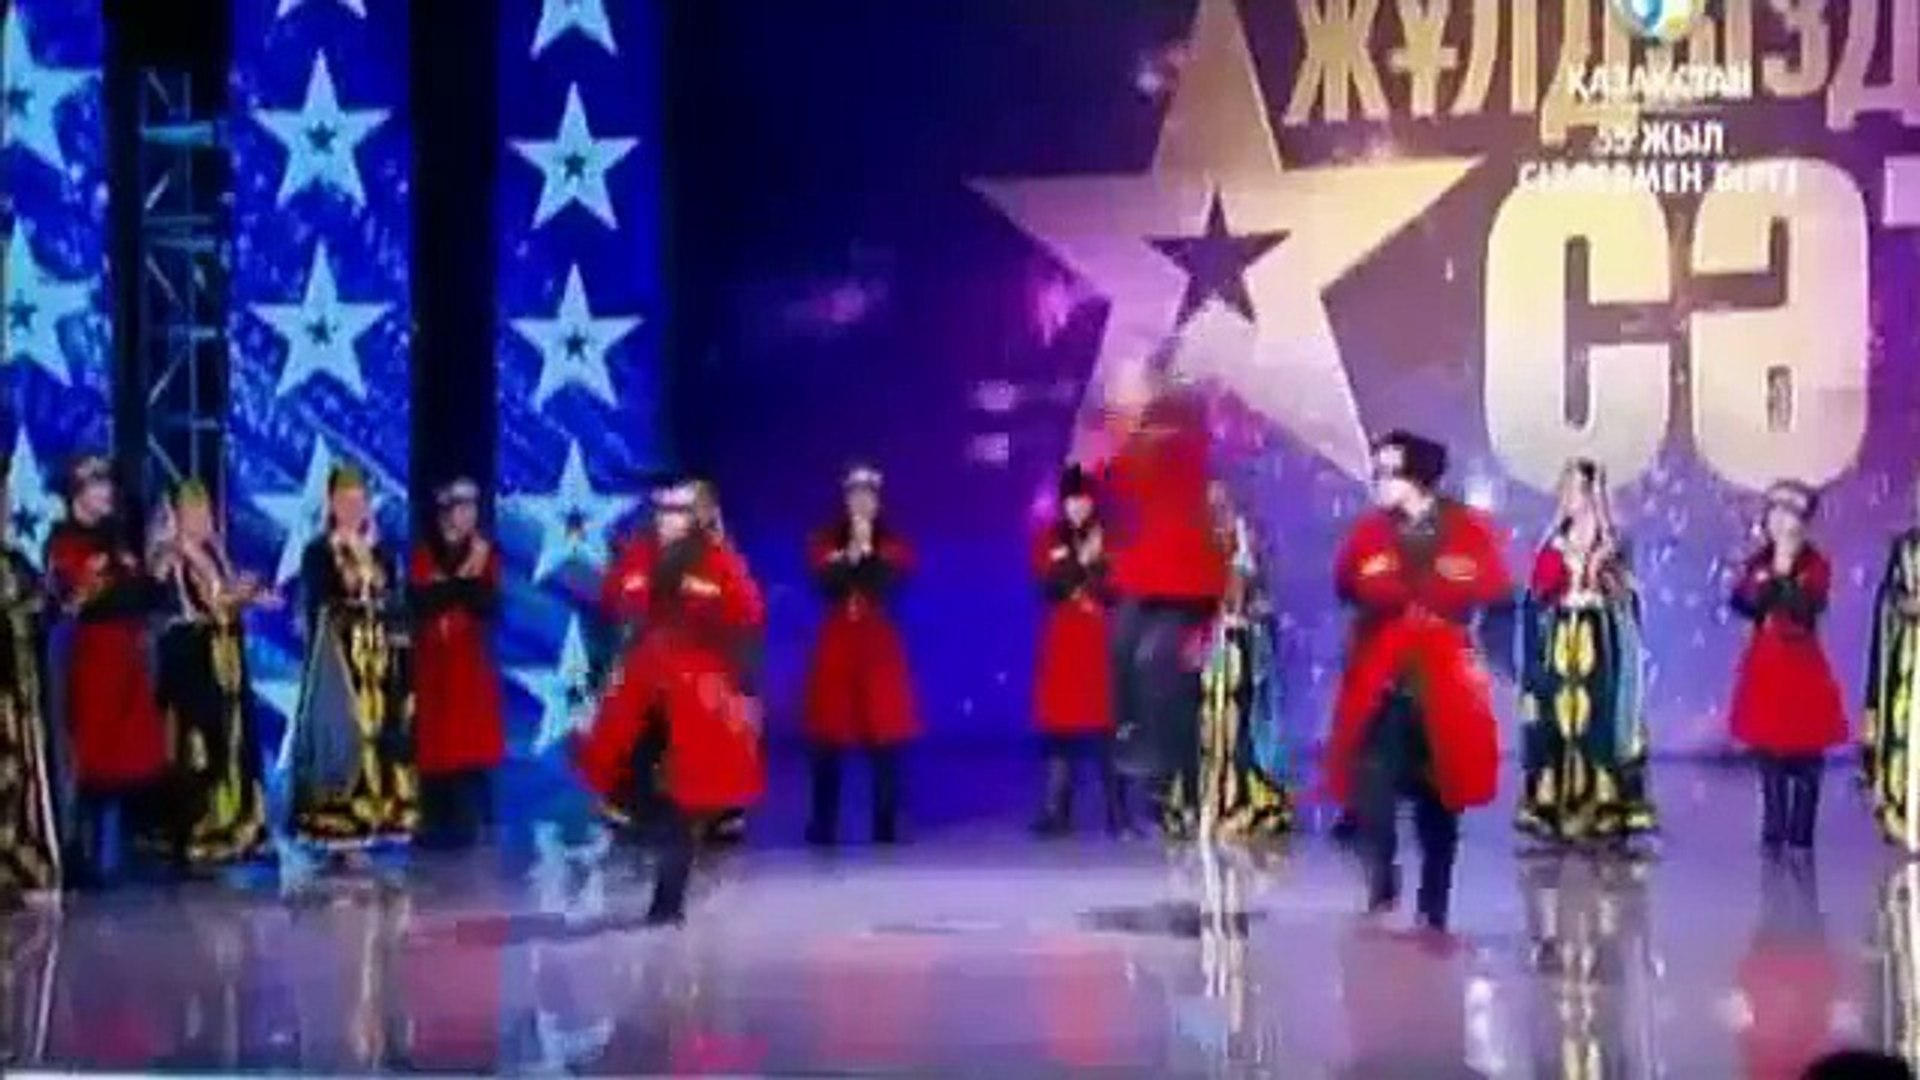 عرض راقص كلهم يرقصون رقص رهيب برنامج المواهب got talent